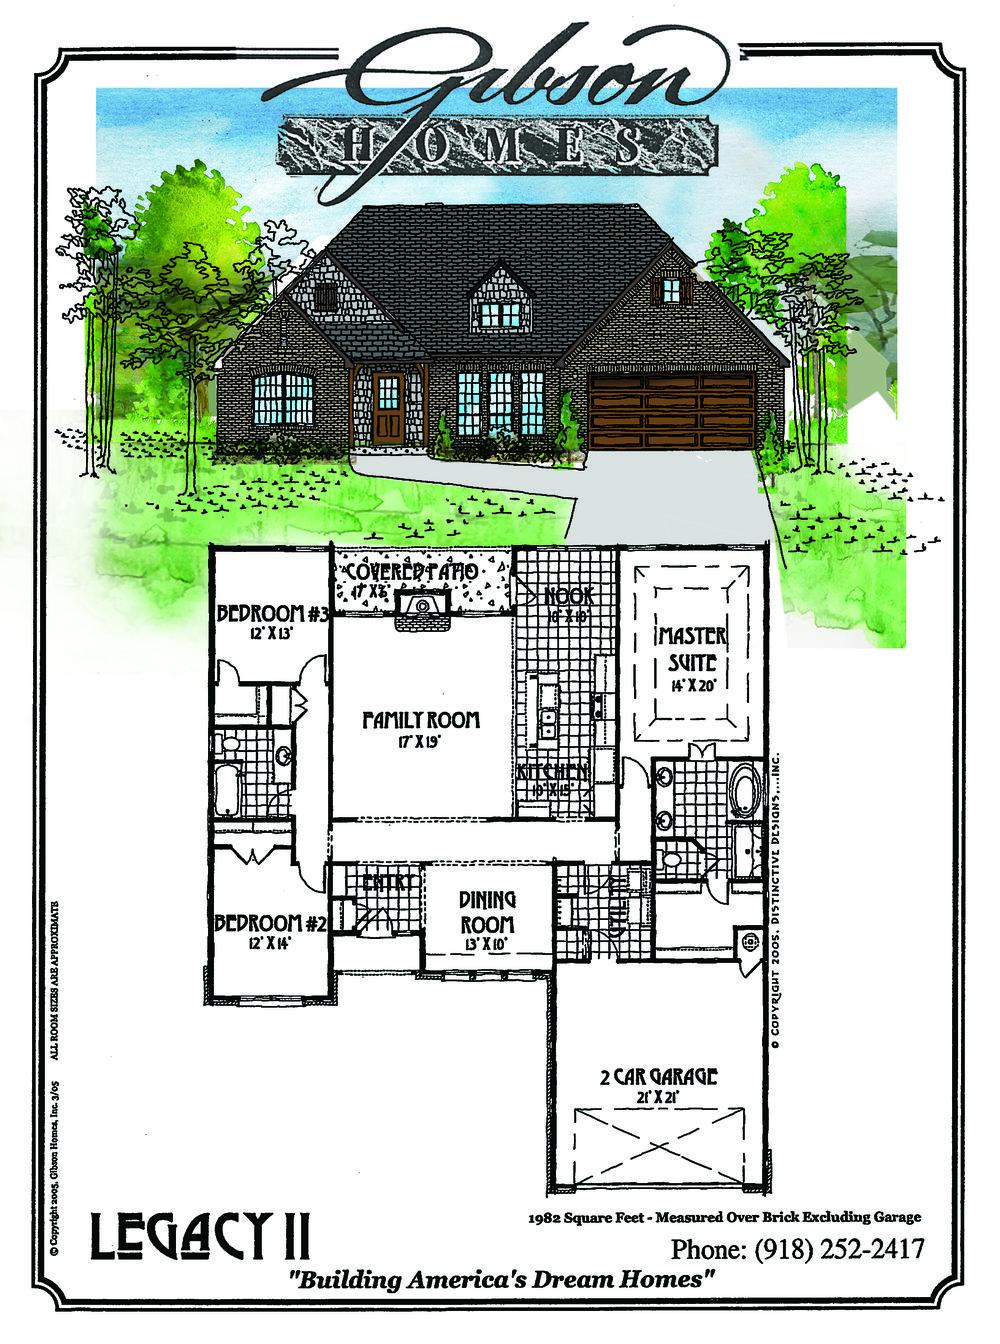 LEGACY II - 1982 Sq. Feet3 bedrooms2 bathroomsFormal Dining2 car garageBase Price $185,000